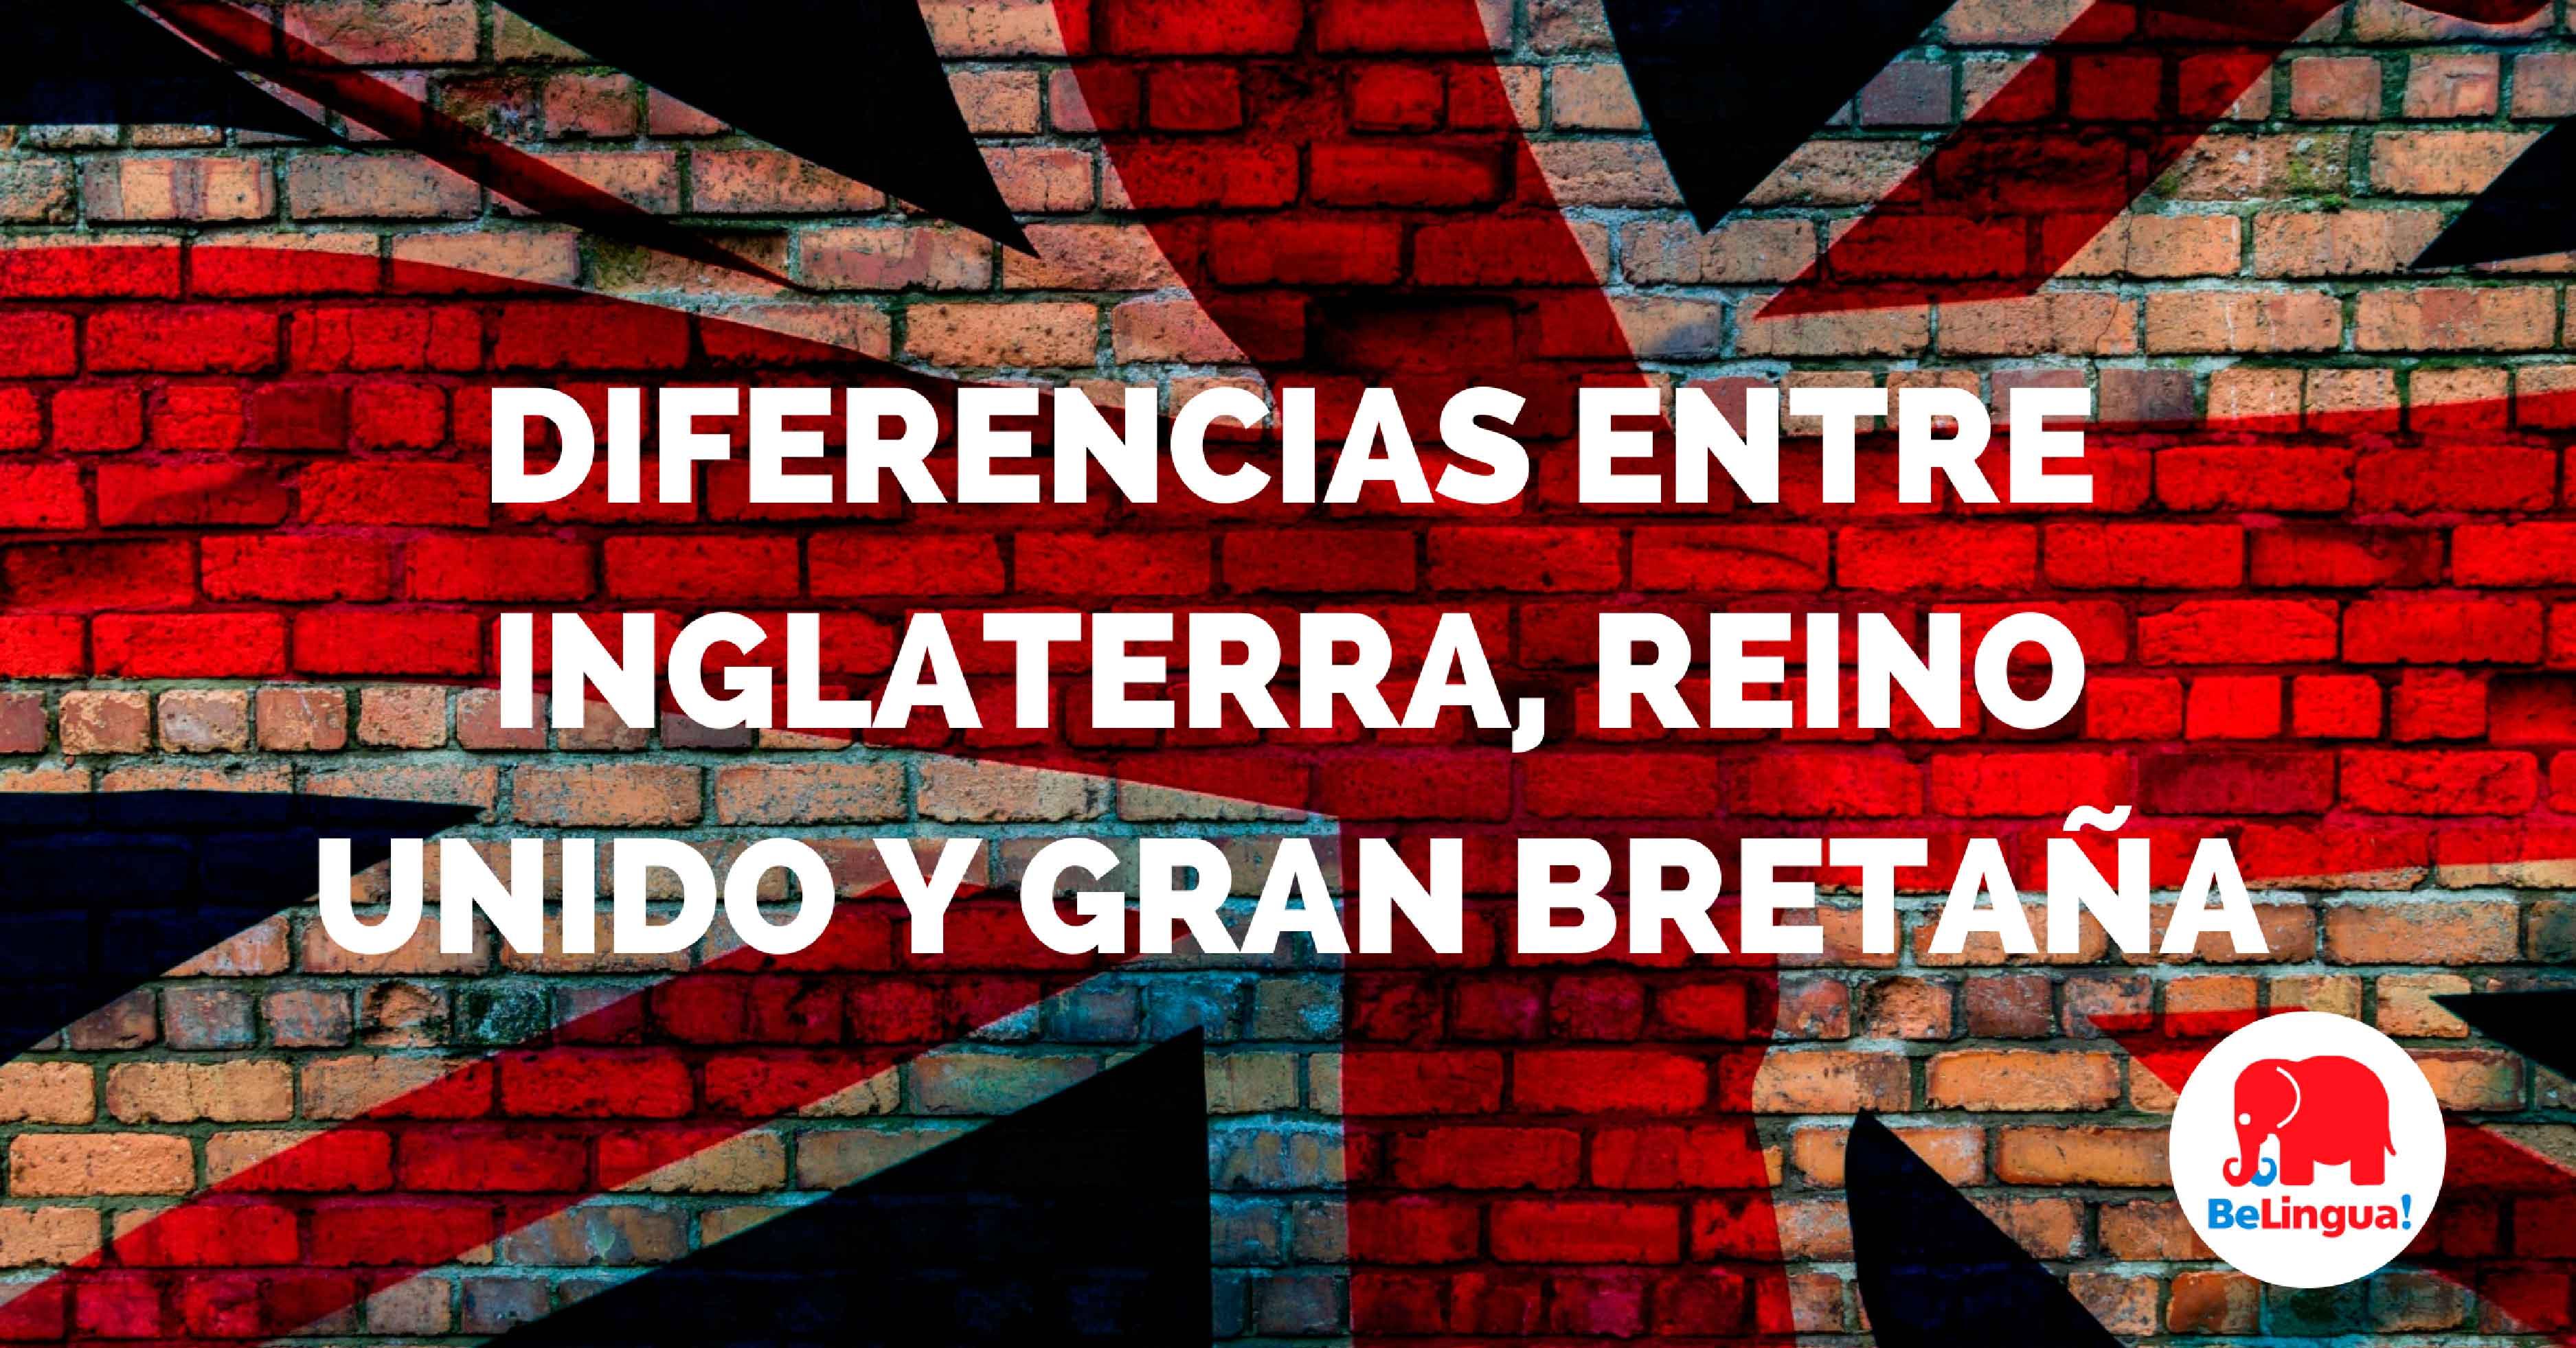 Diferencias entre Inglaterra, Reino Unido y Gran Bretaña